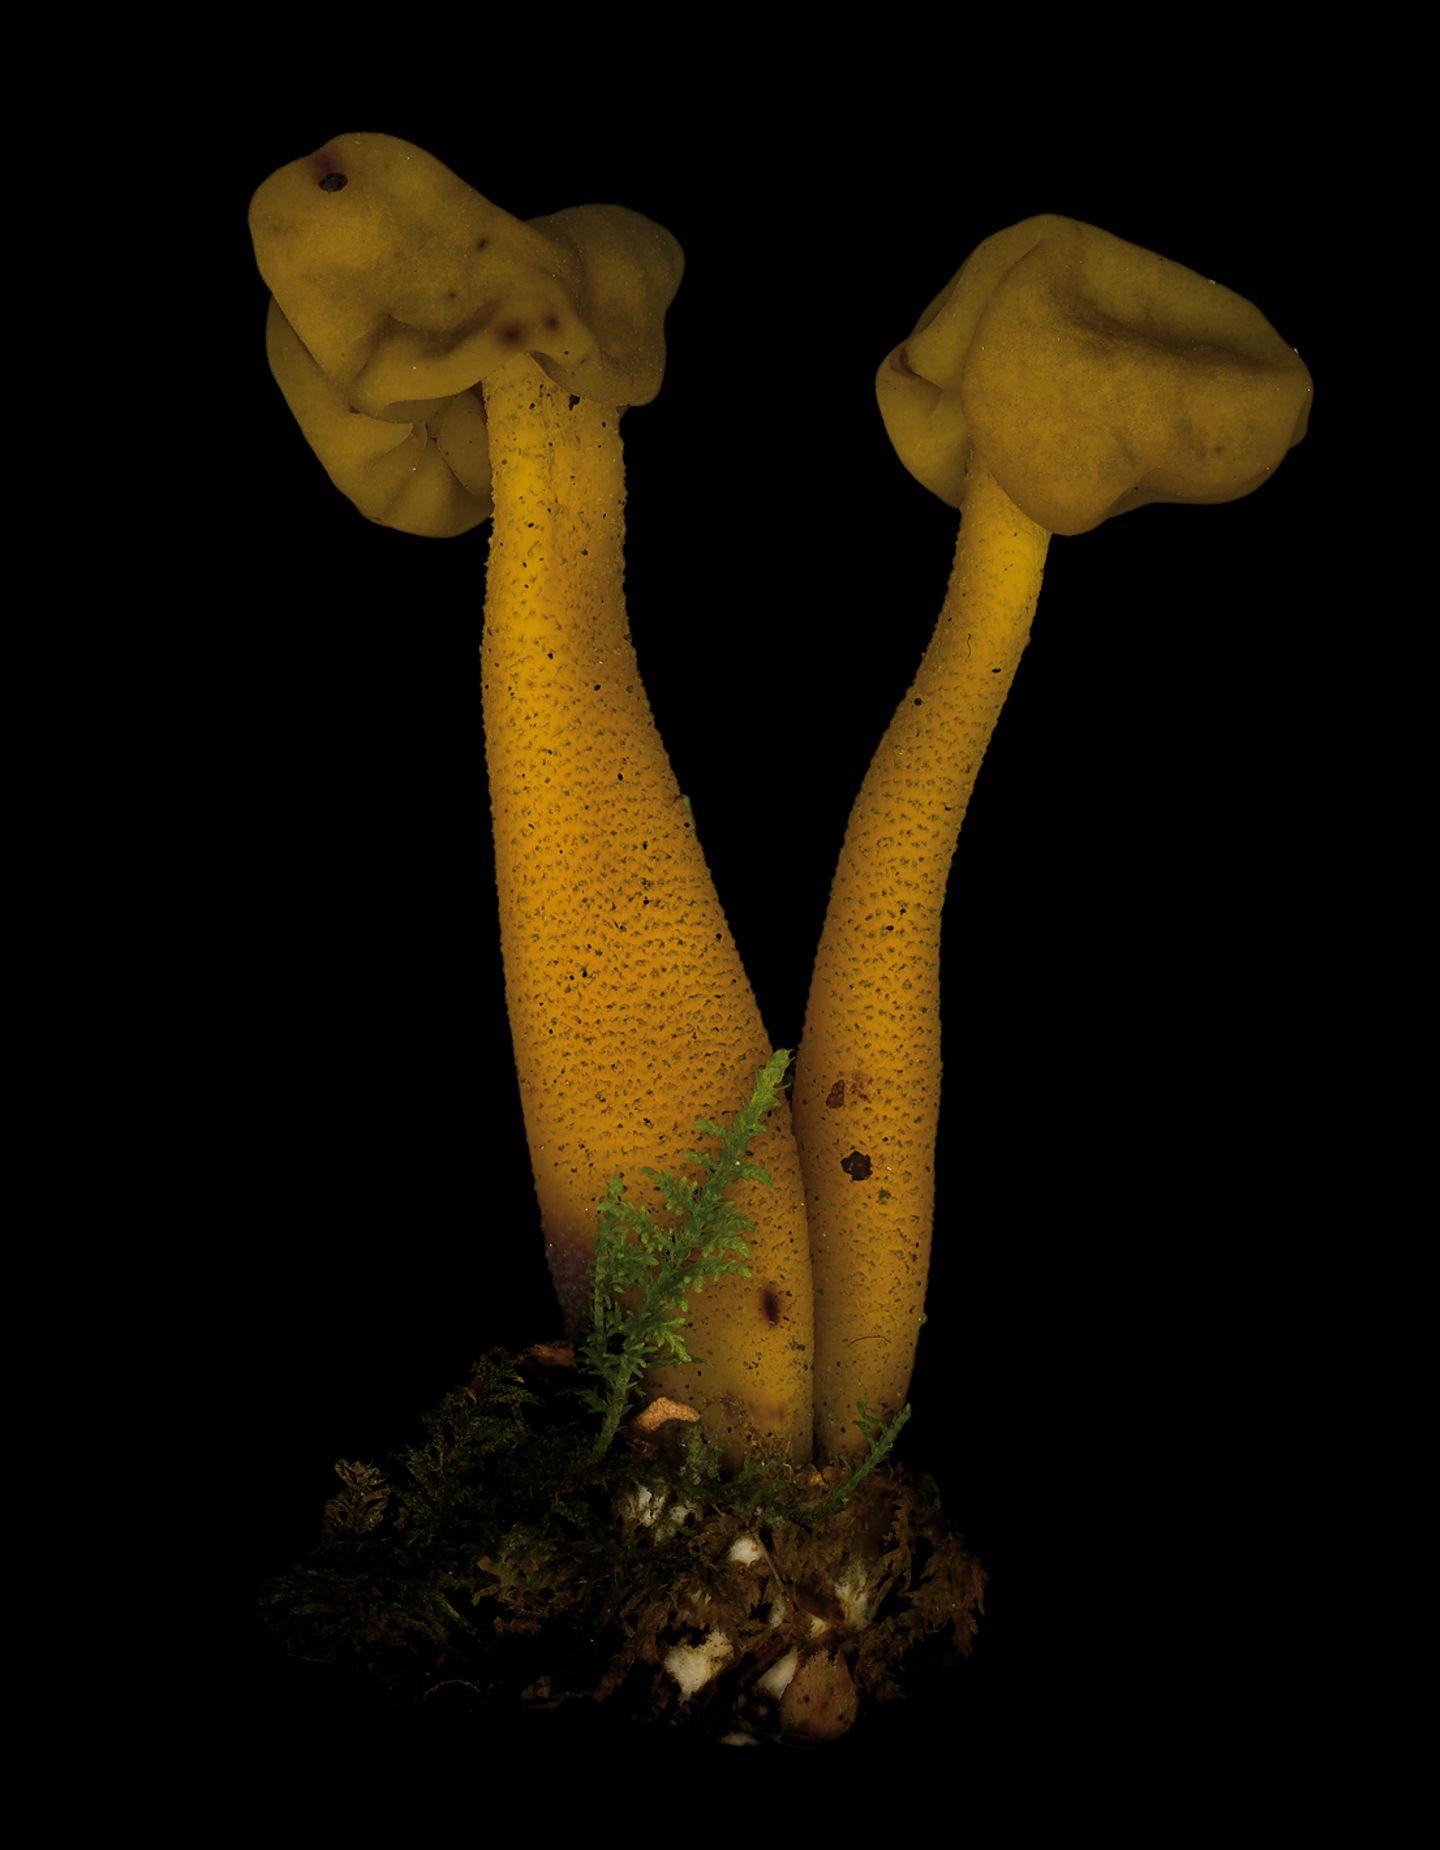 Grüngelbes Gallertkäppchen  Dieser Pilz treibt sogar Raketen an, das enthaltene Gift Monomethylhydrazin kennen vor allem Ingenieure. Es ist Bestandteil von lagerfähigen Raketentreibstoffen.